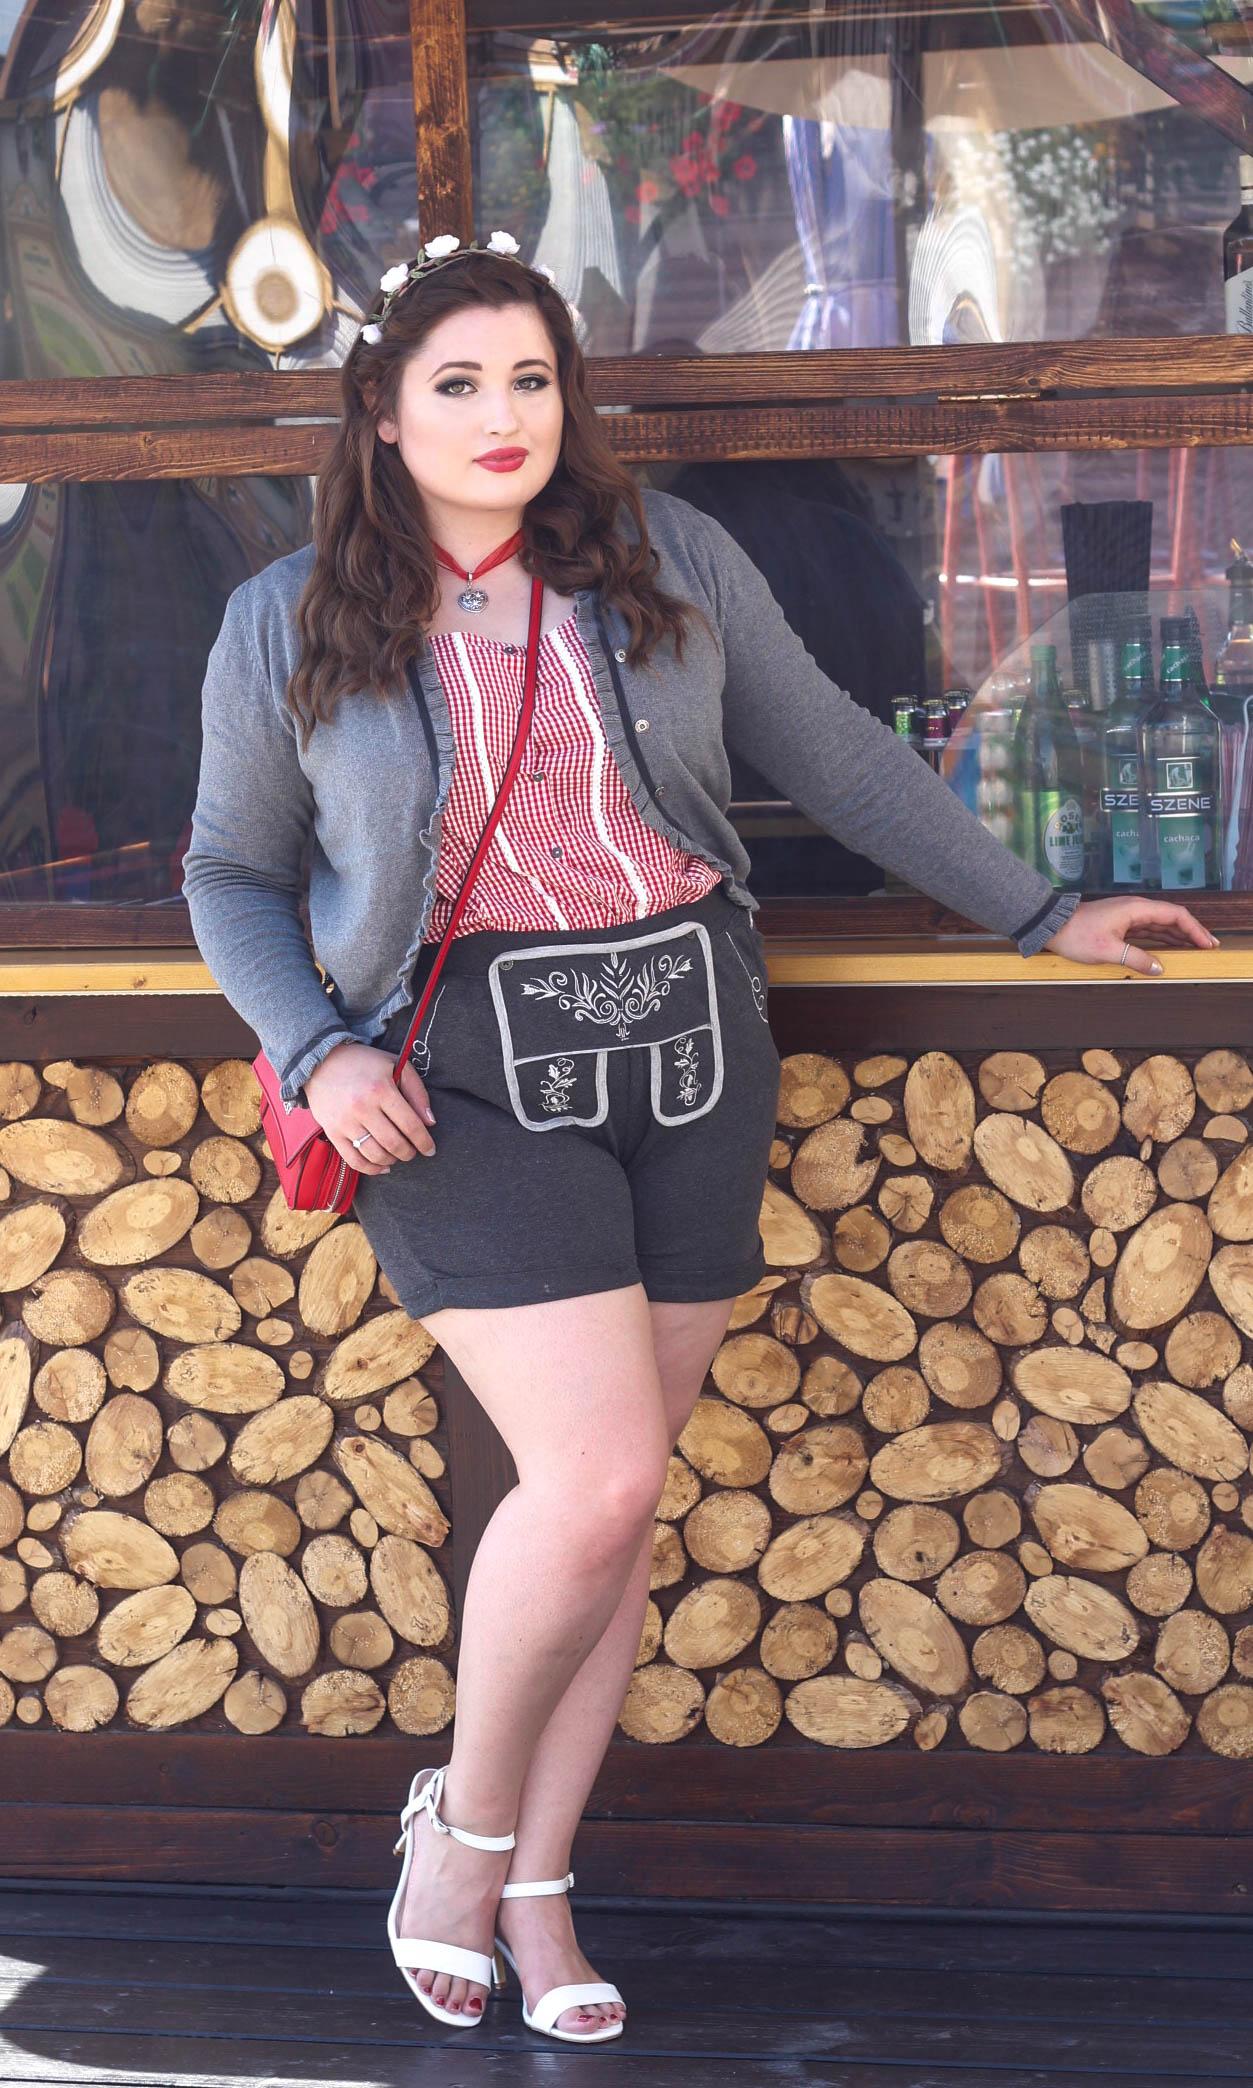 Junge kurvige Frau vor einer Holzhütte im Oktoberfest Outfit. Plus Size Lederhosen Look.